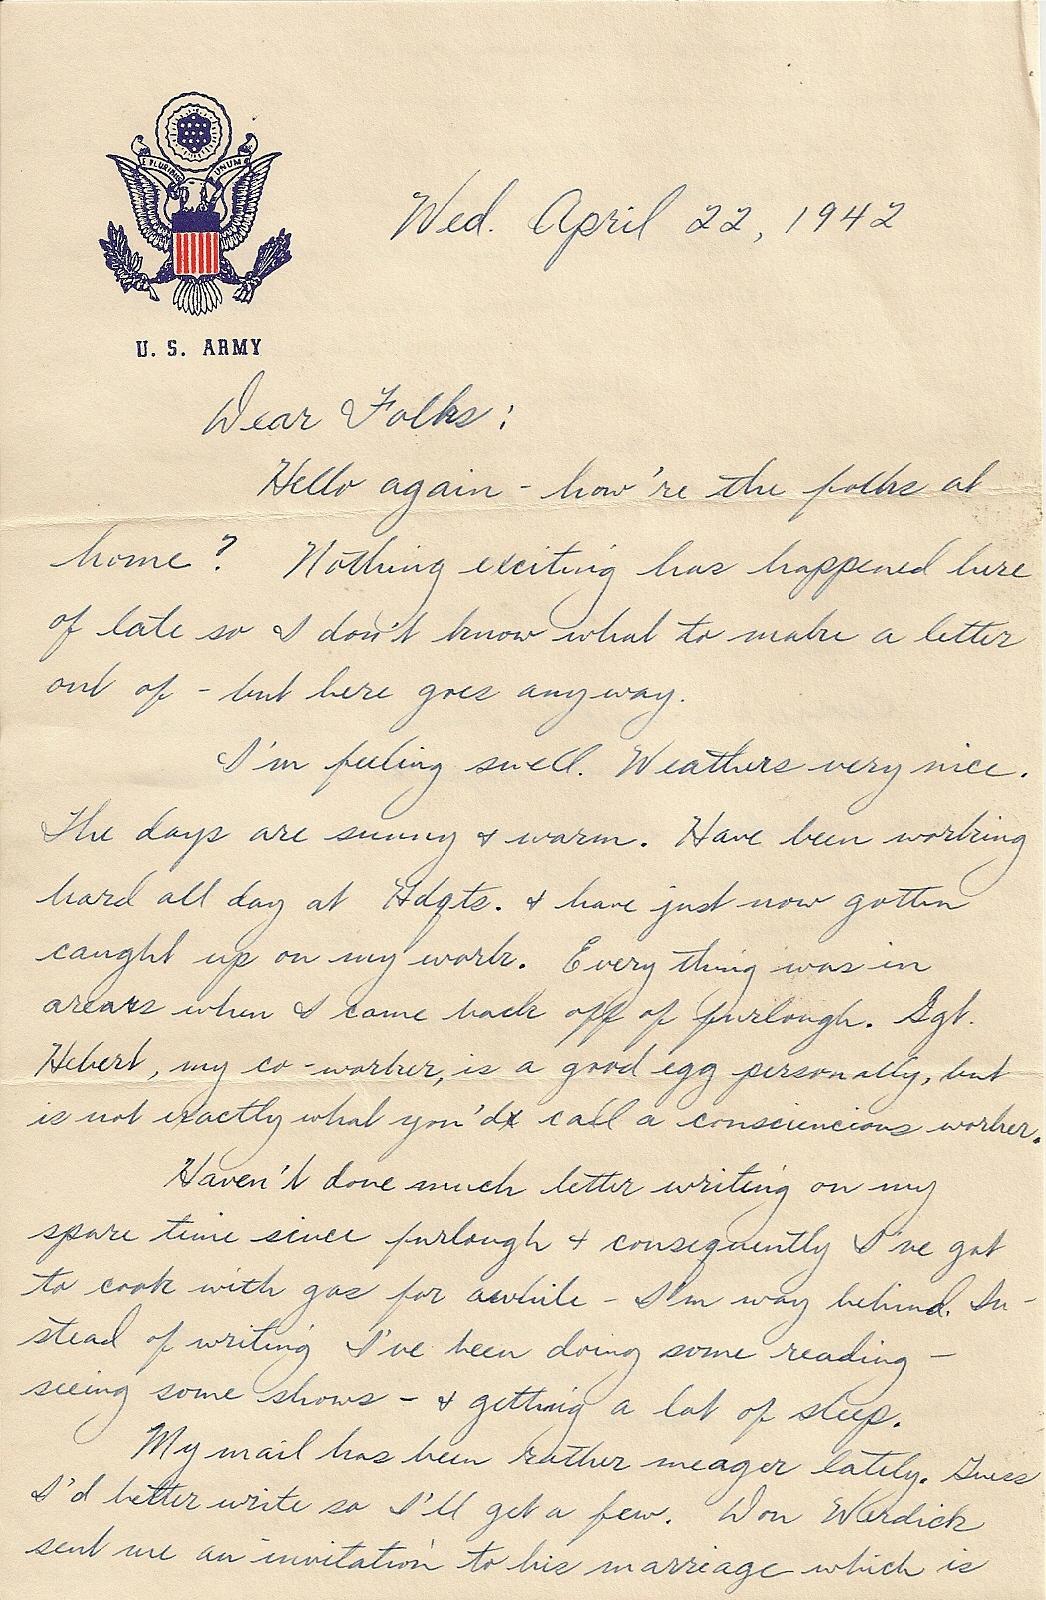 4.22.1942b.jpg